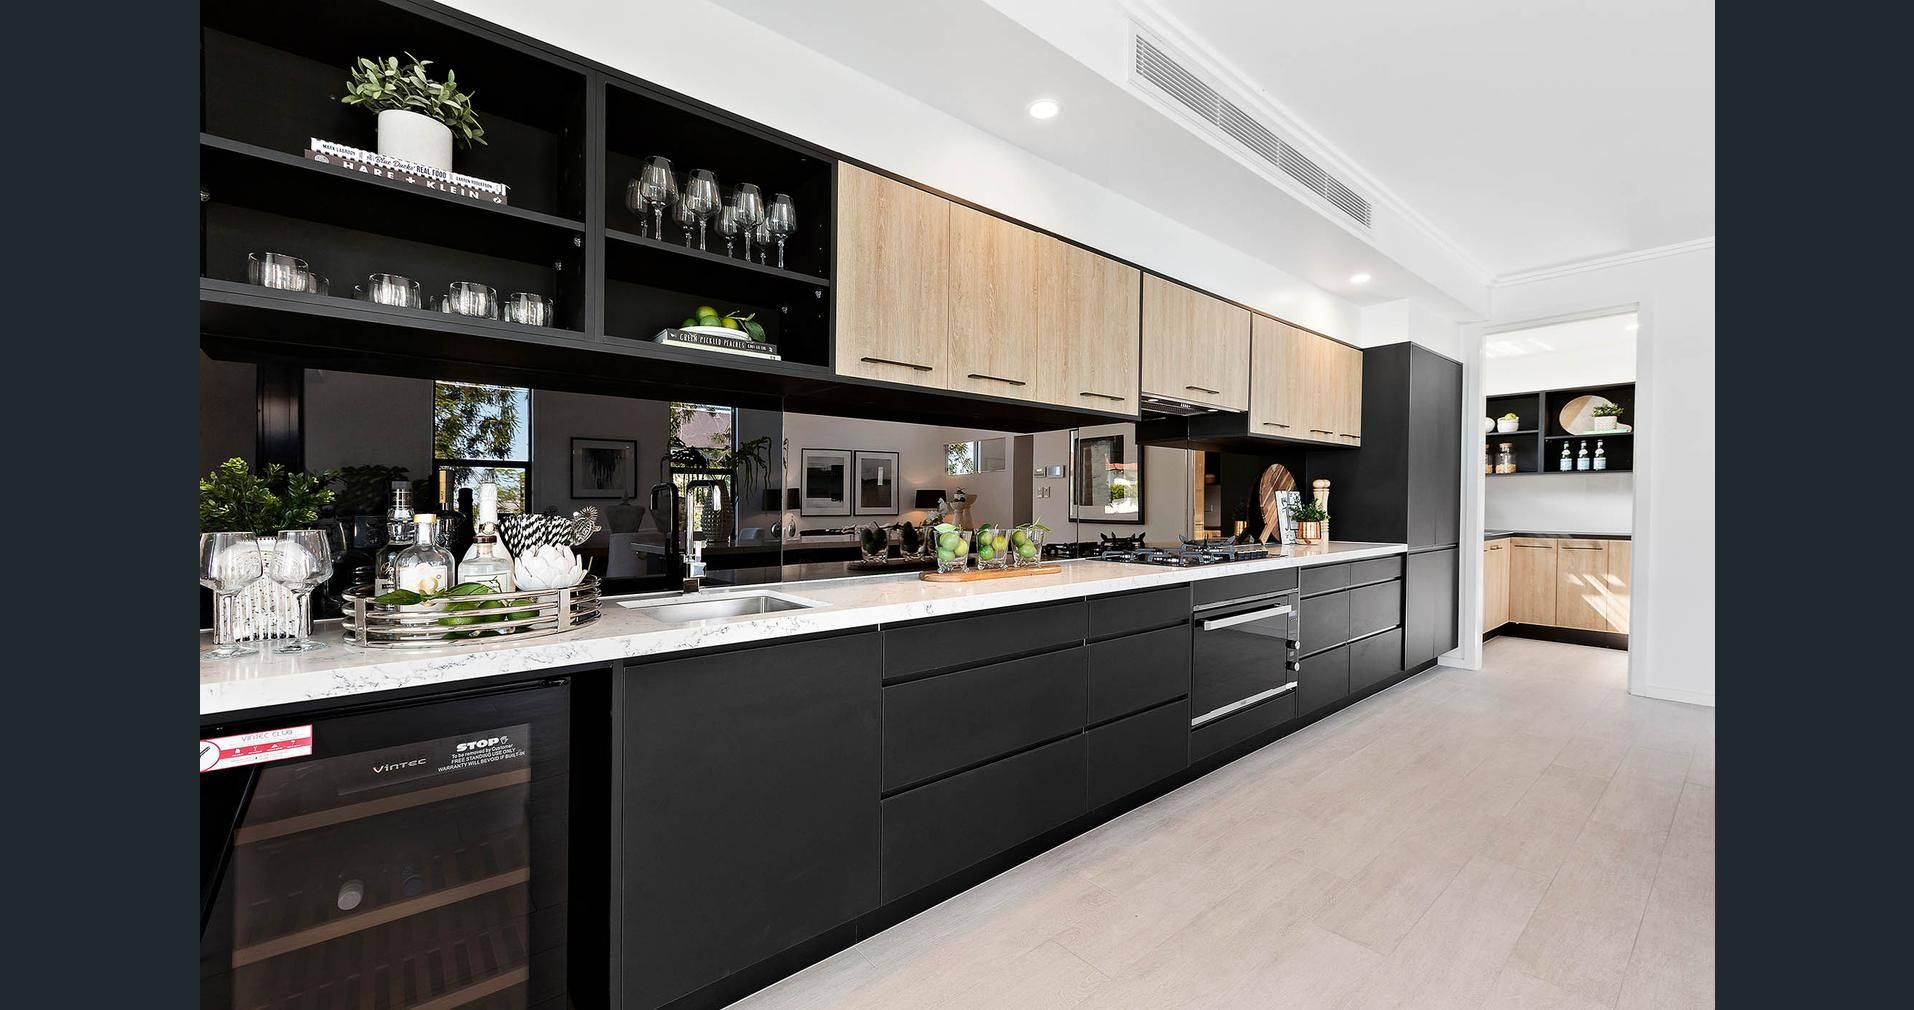 Großzügig Billige Küchenspülen Sydney Galerie - Küchenschrank Ideen ...